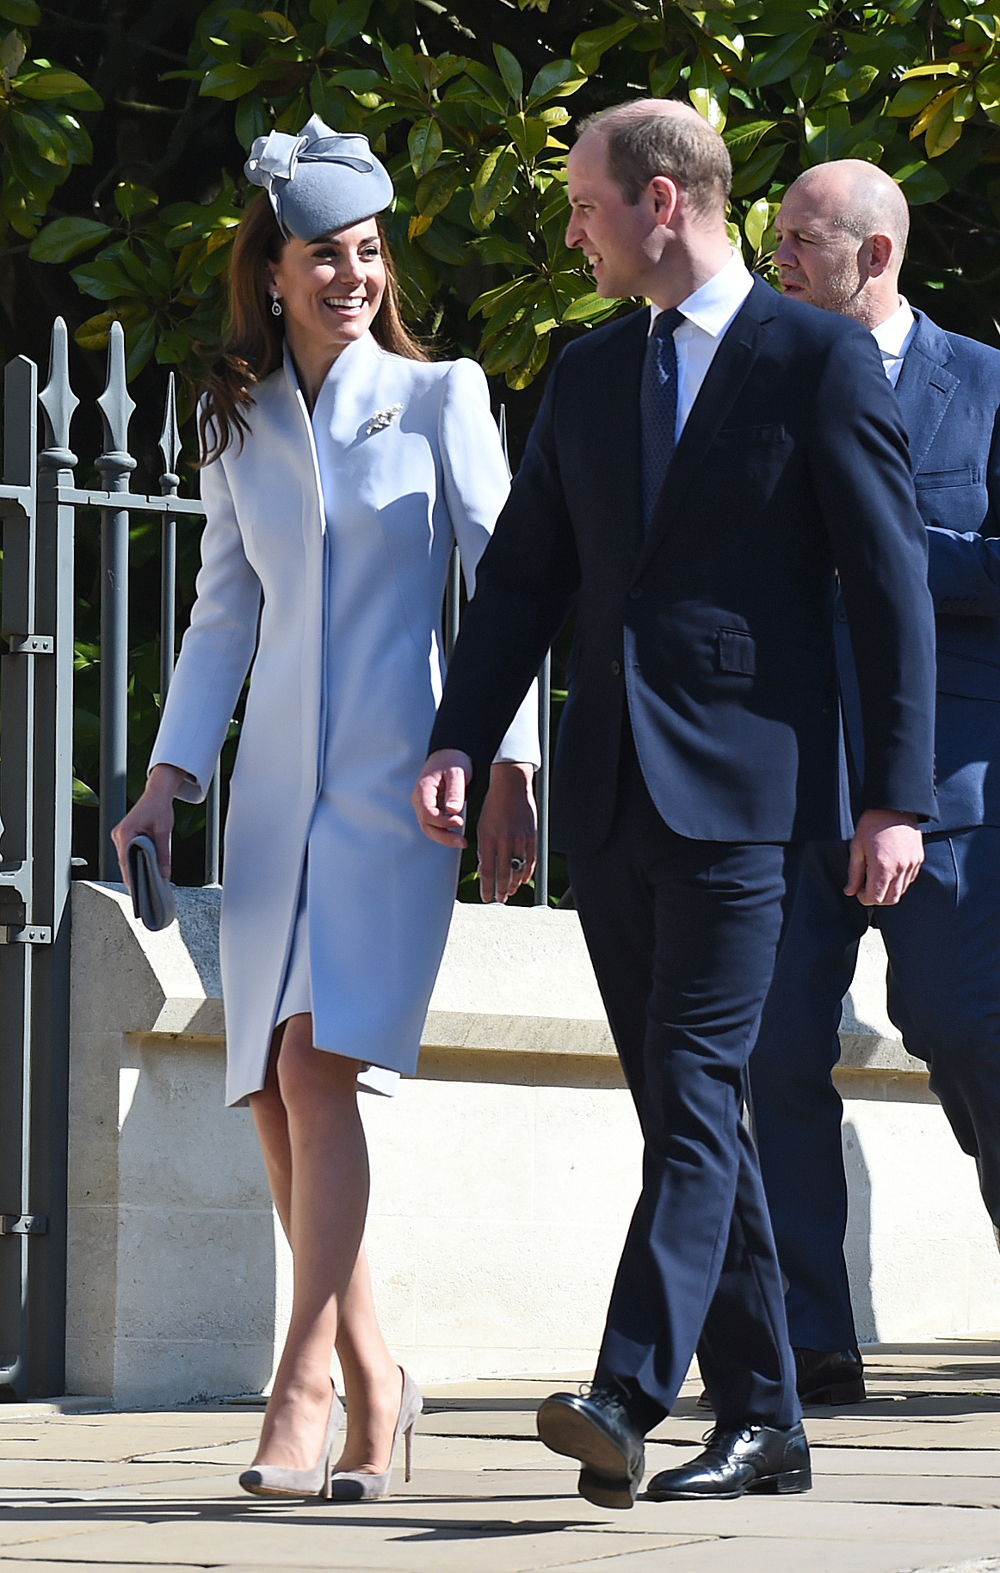 πρίγκιπας Γουίλιαμ και Κέιτ Μίντλετον με θαλασσί παλτό στην εκκλησία